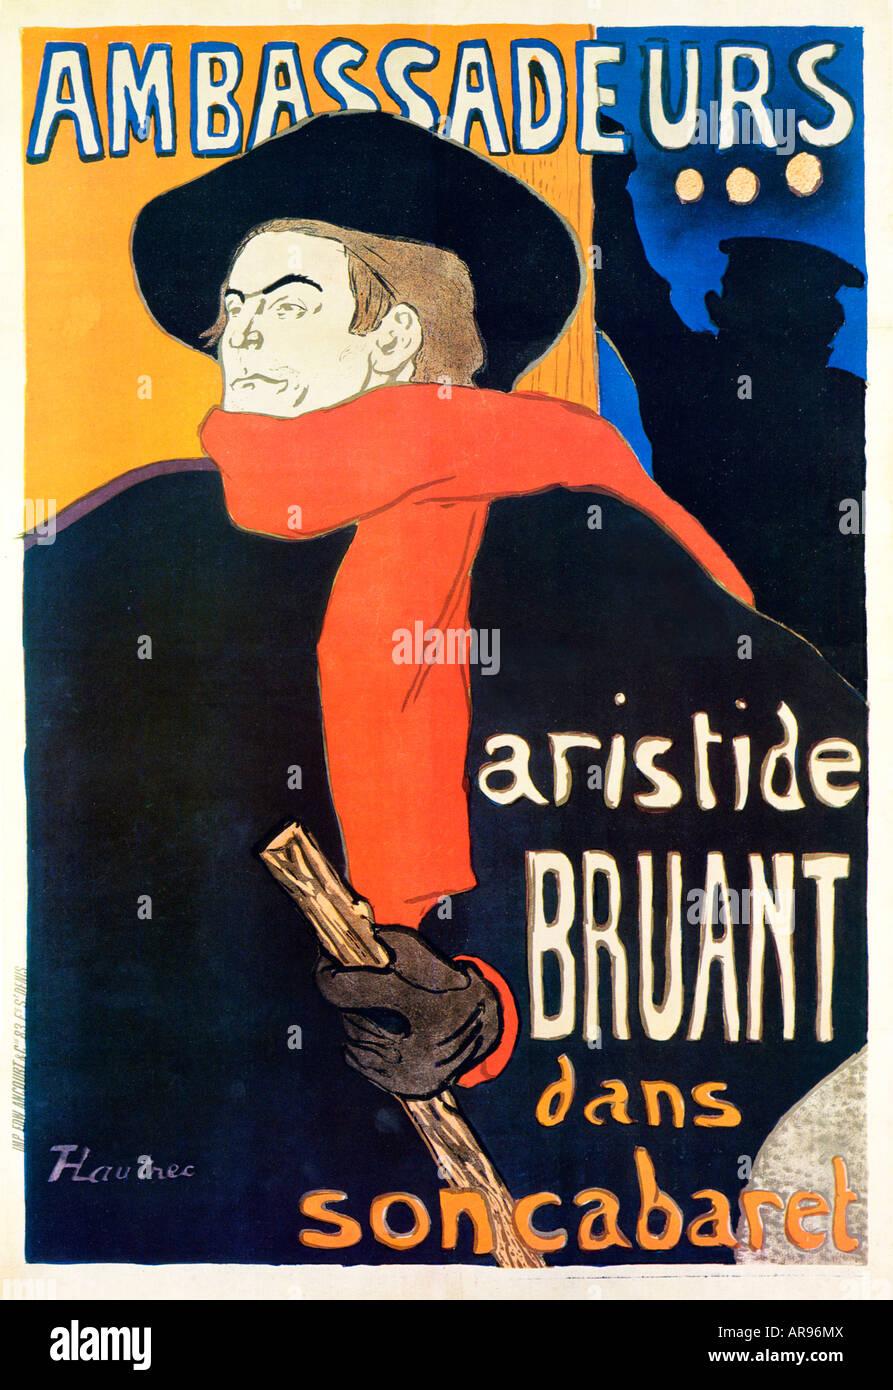 Ambassadeurs Artiste Bruant Toulouse Lautrec Style Art Nouveau Imprimé